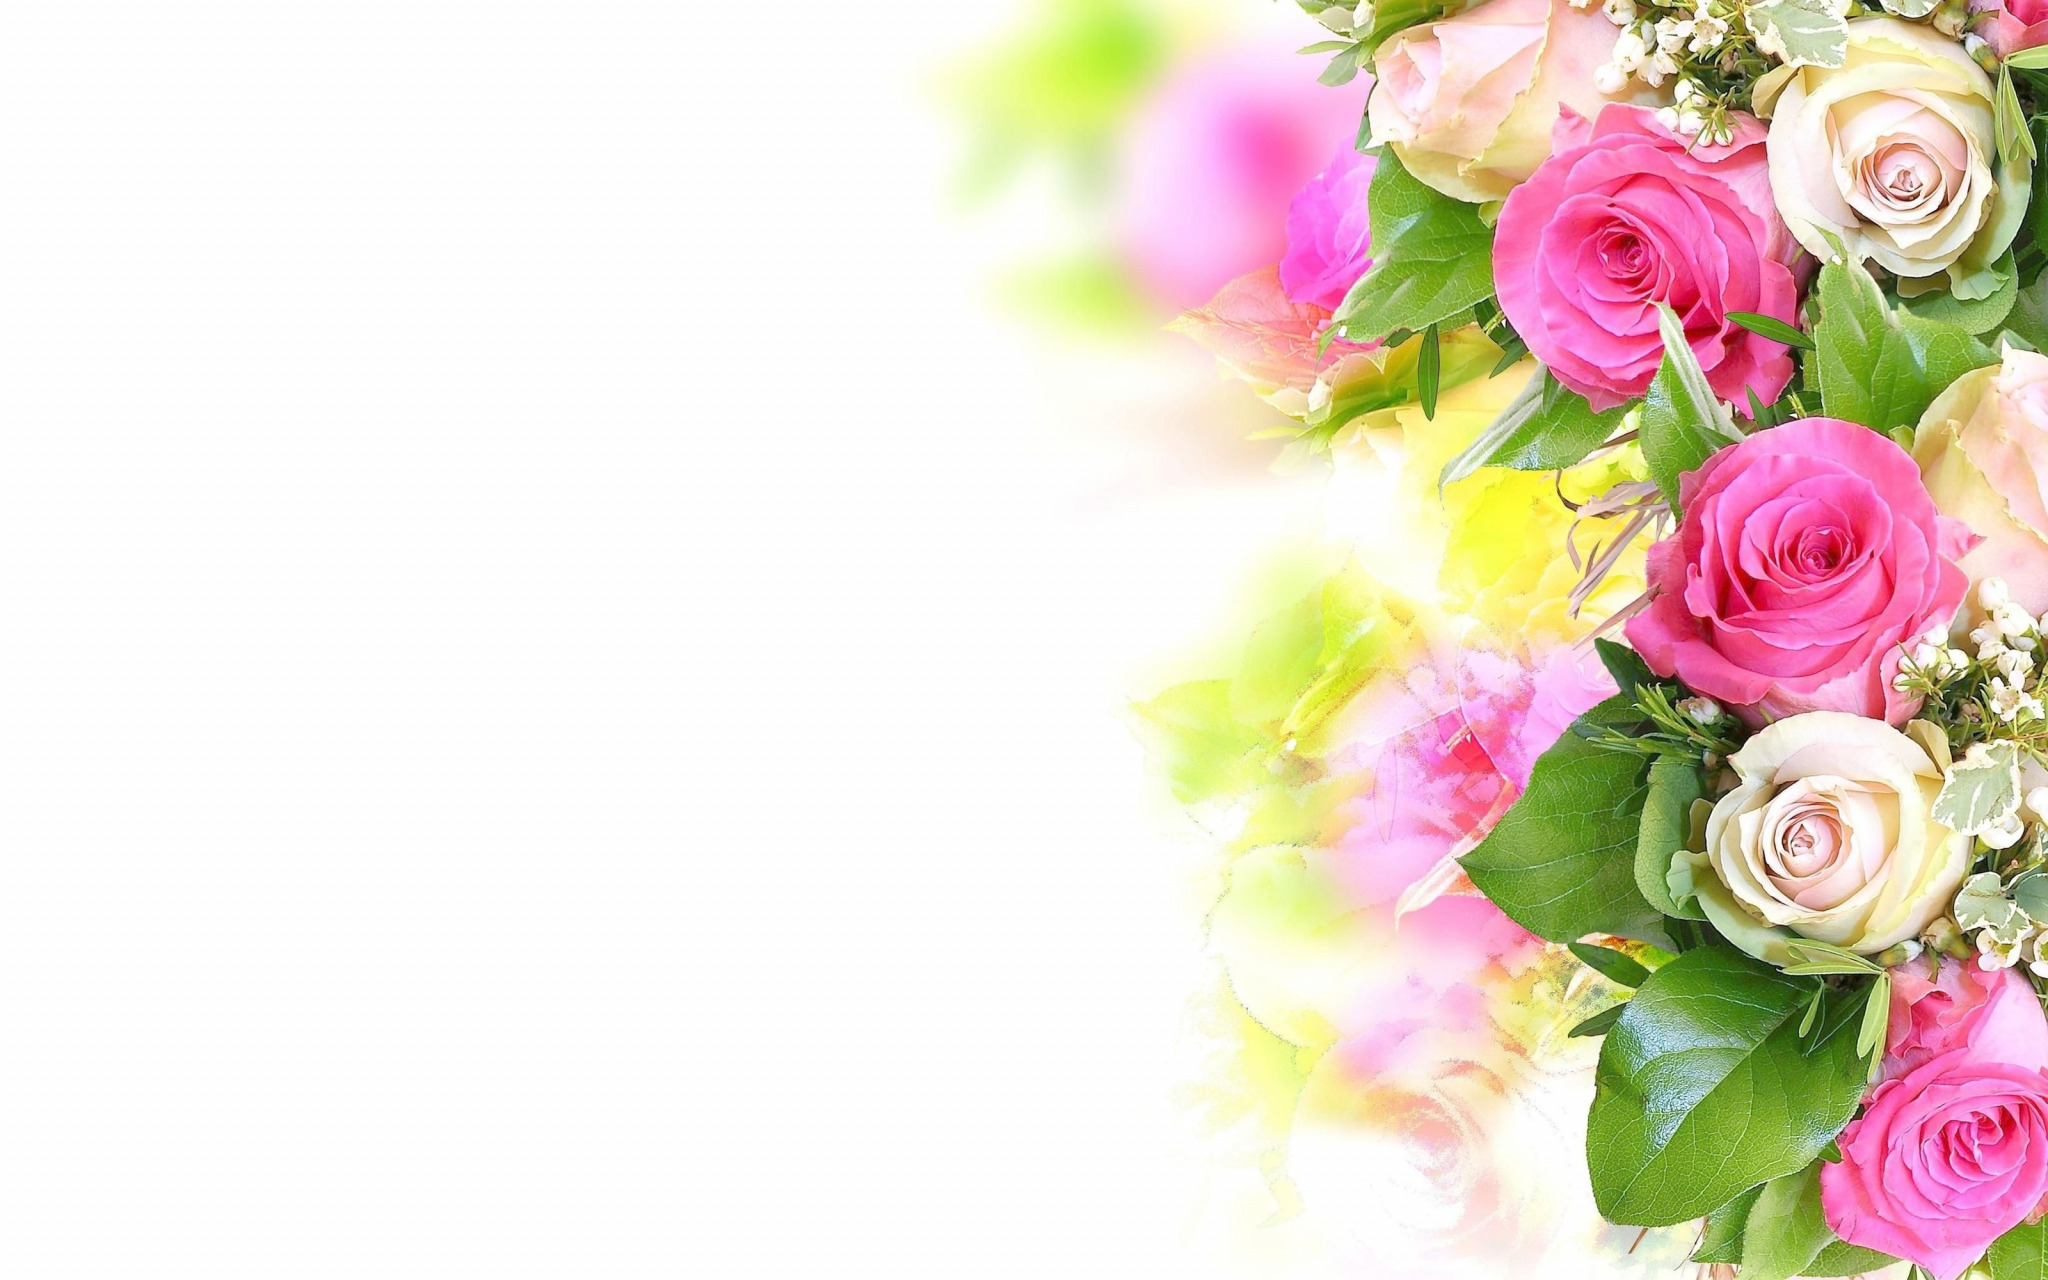 Картинки цветов поздравления с днем рождения